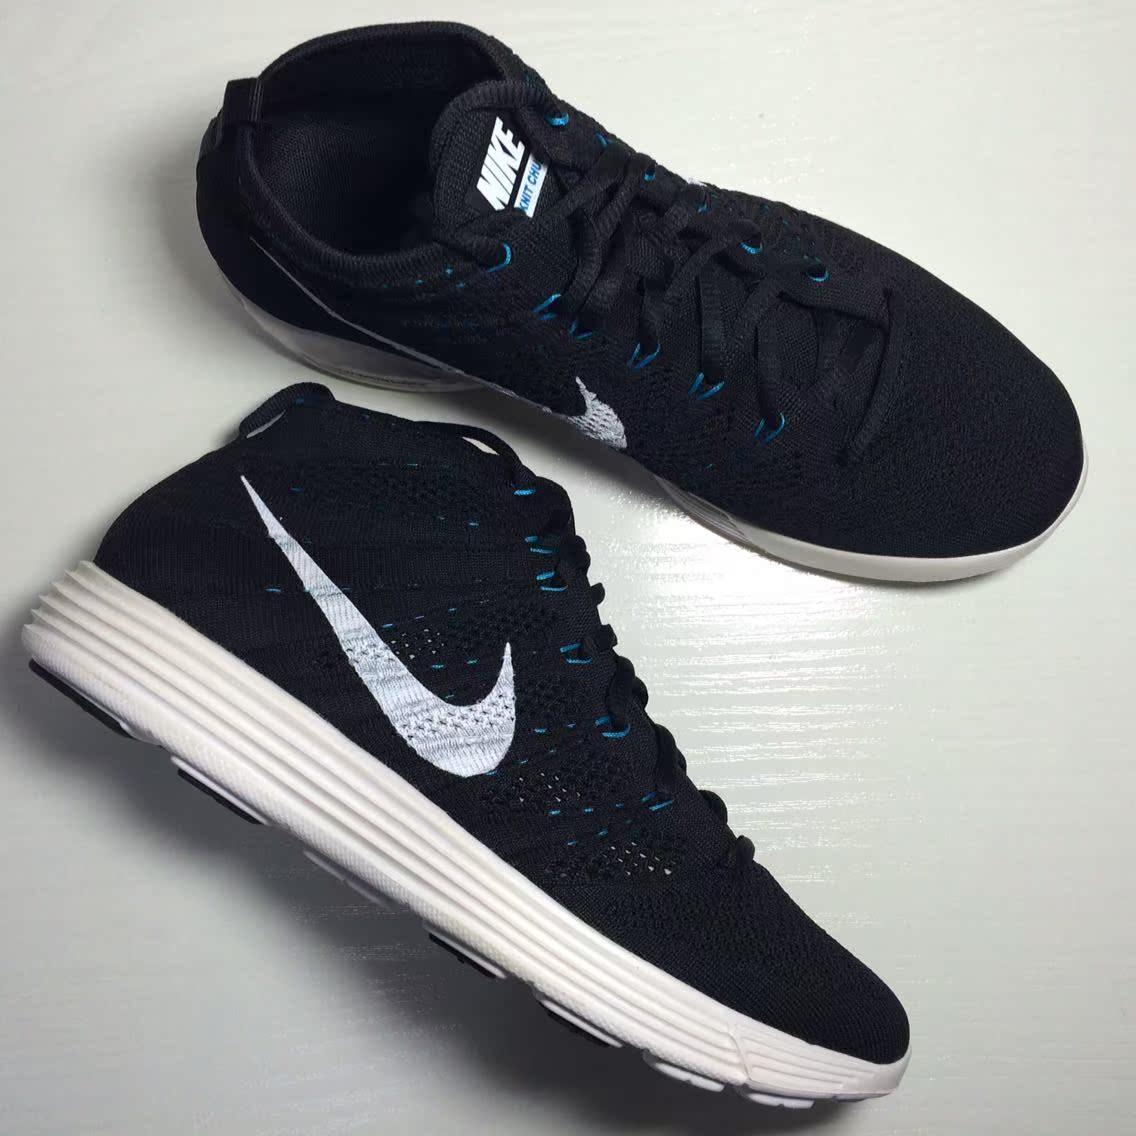 обувь Nike  Lunar Flyknit Chukka 554969-031/081